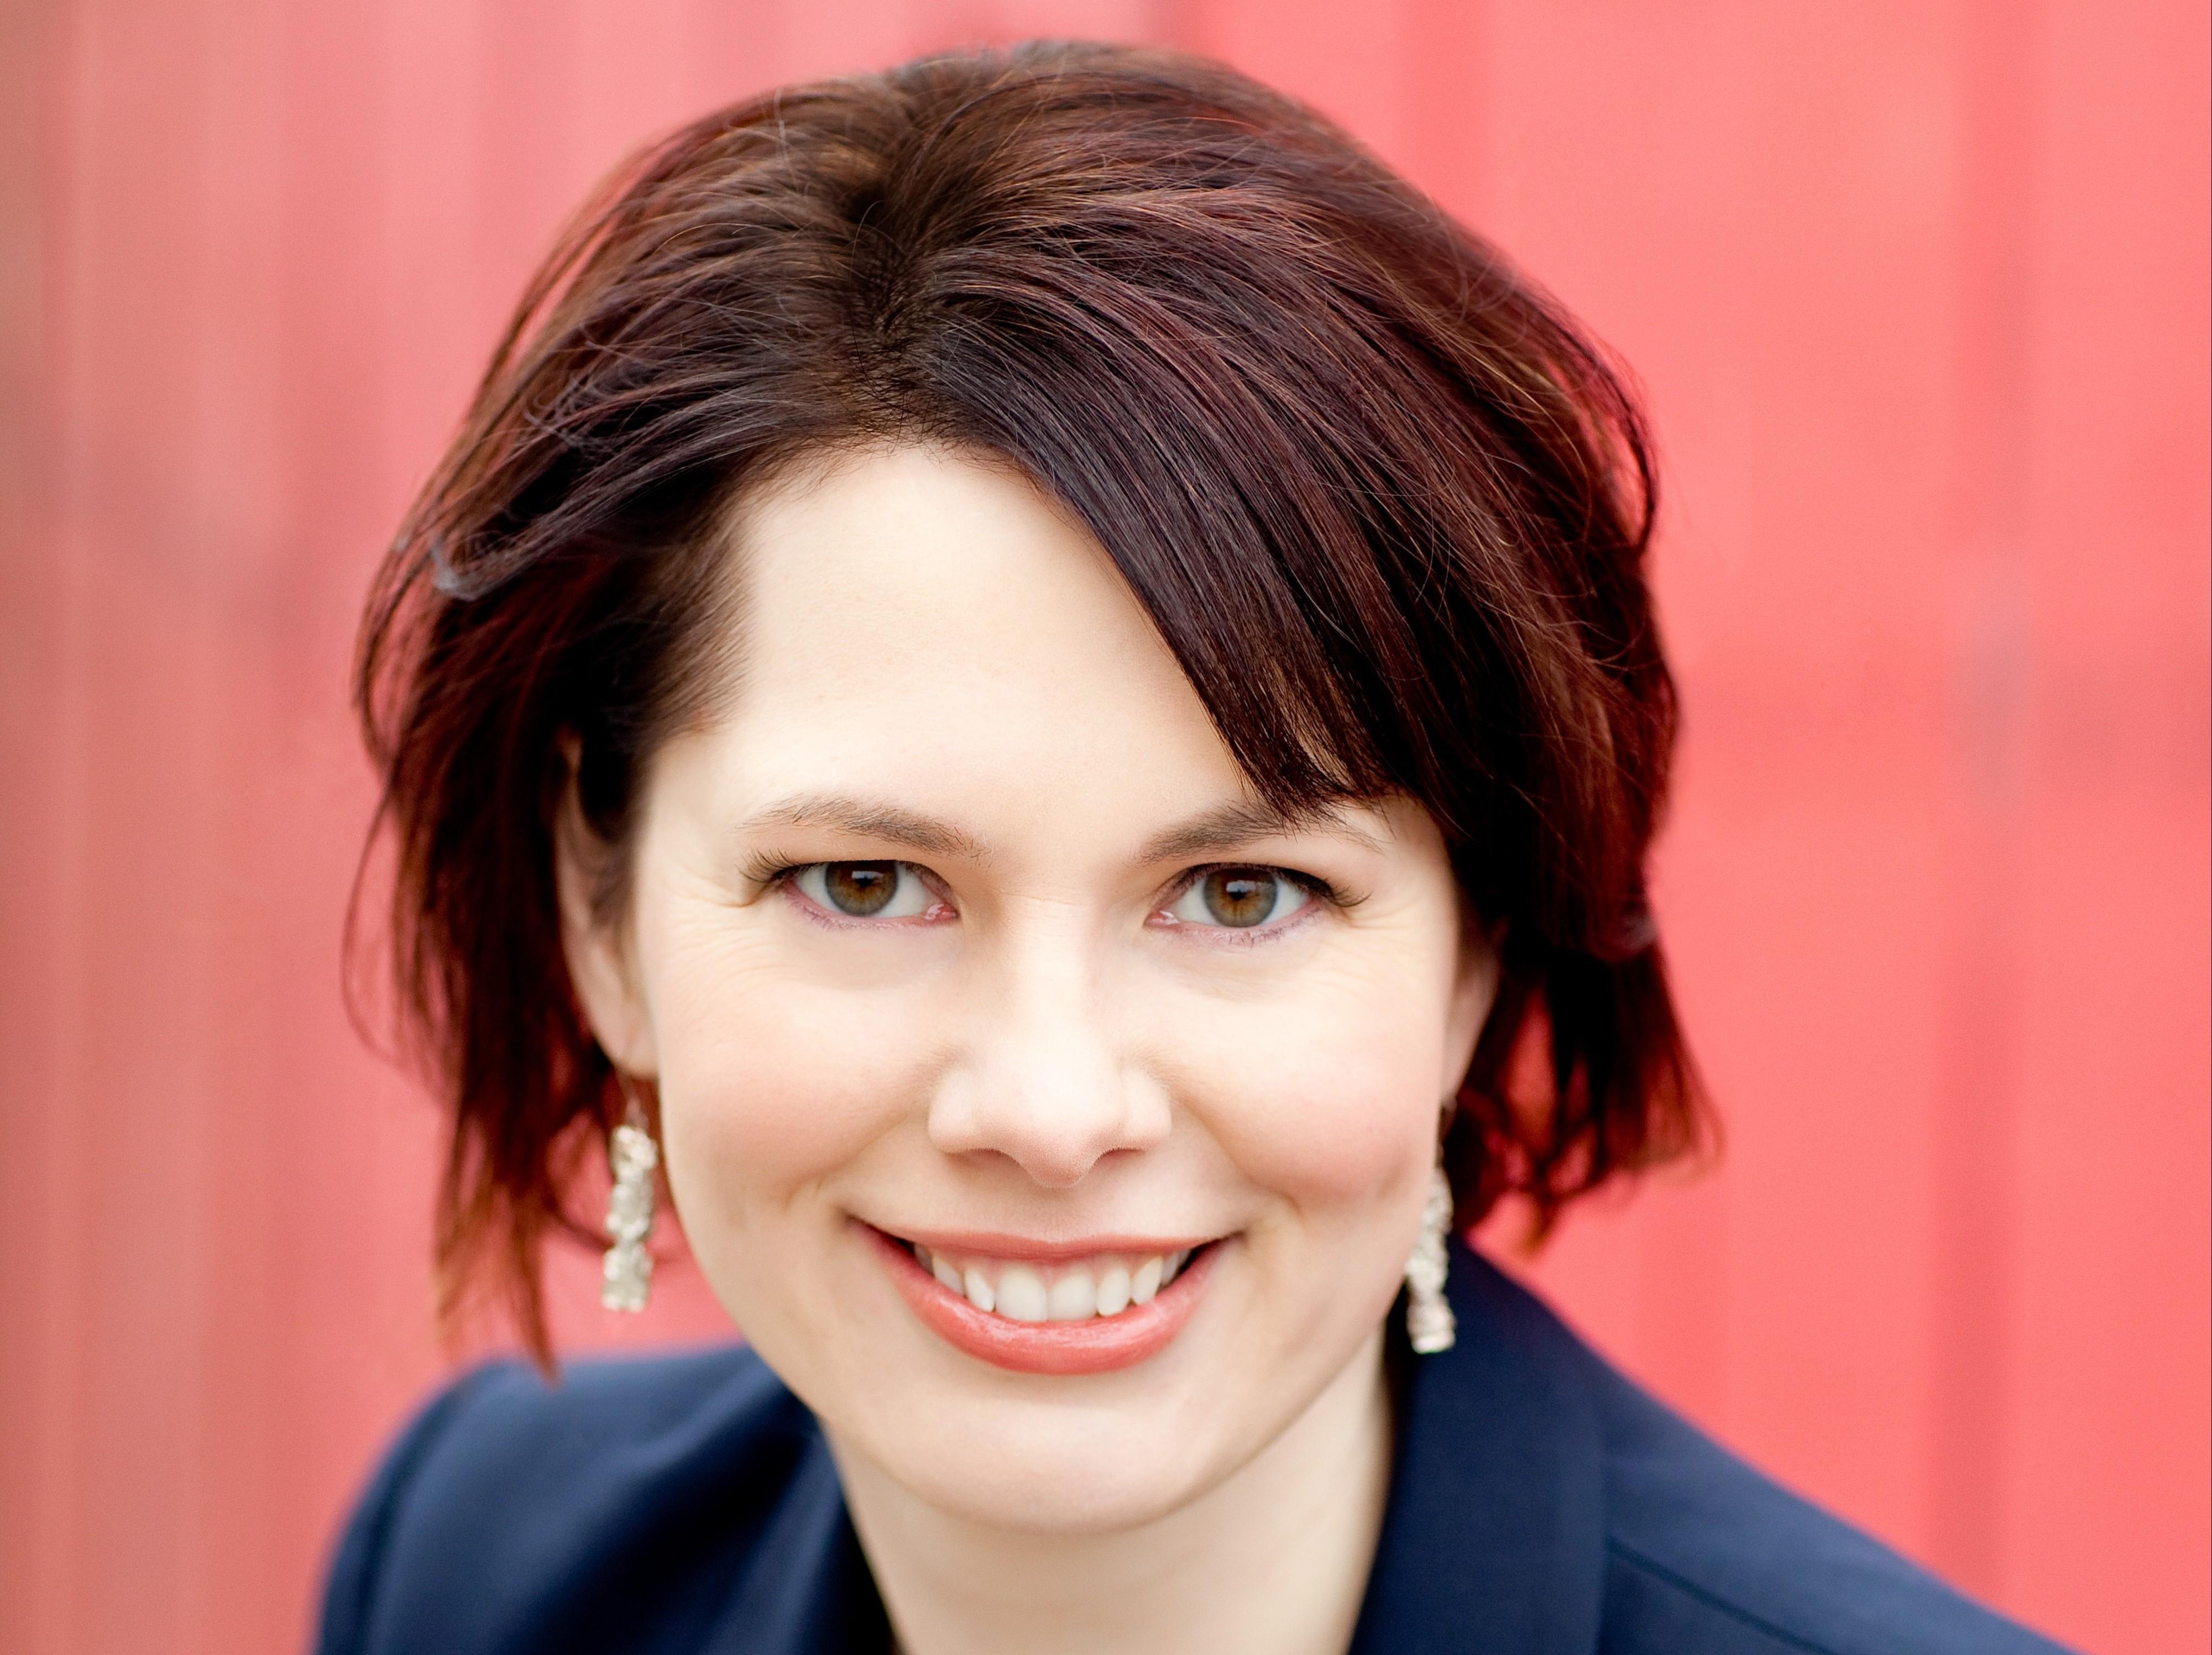 Dr. Gina Neff